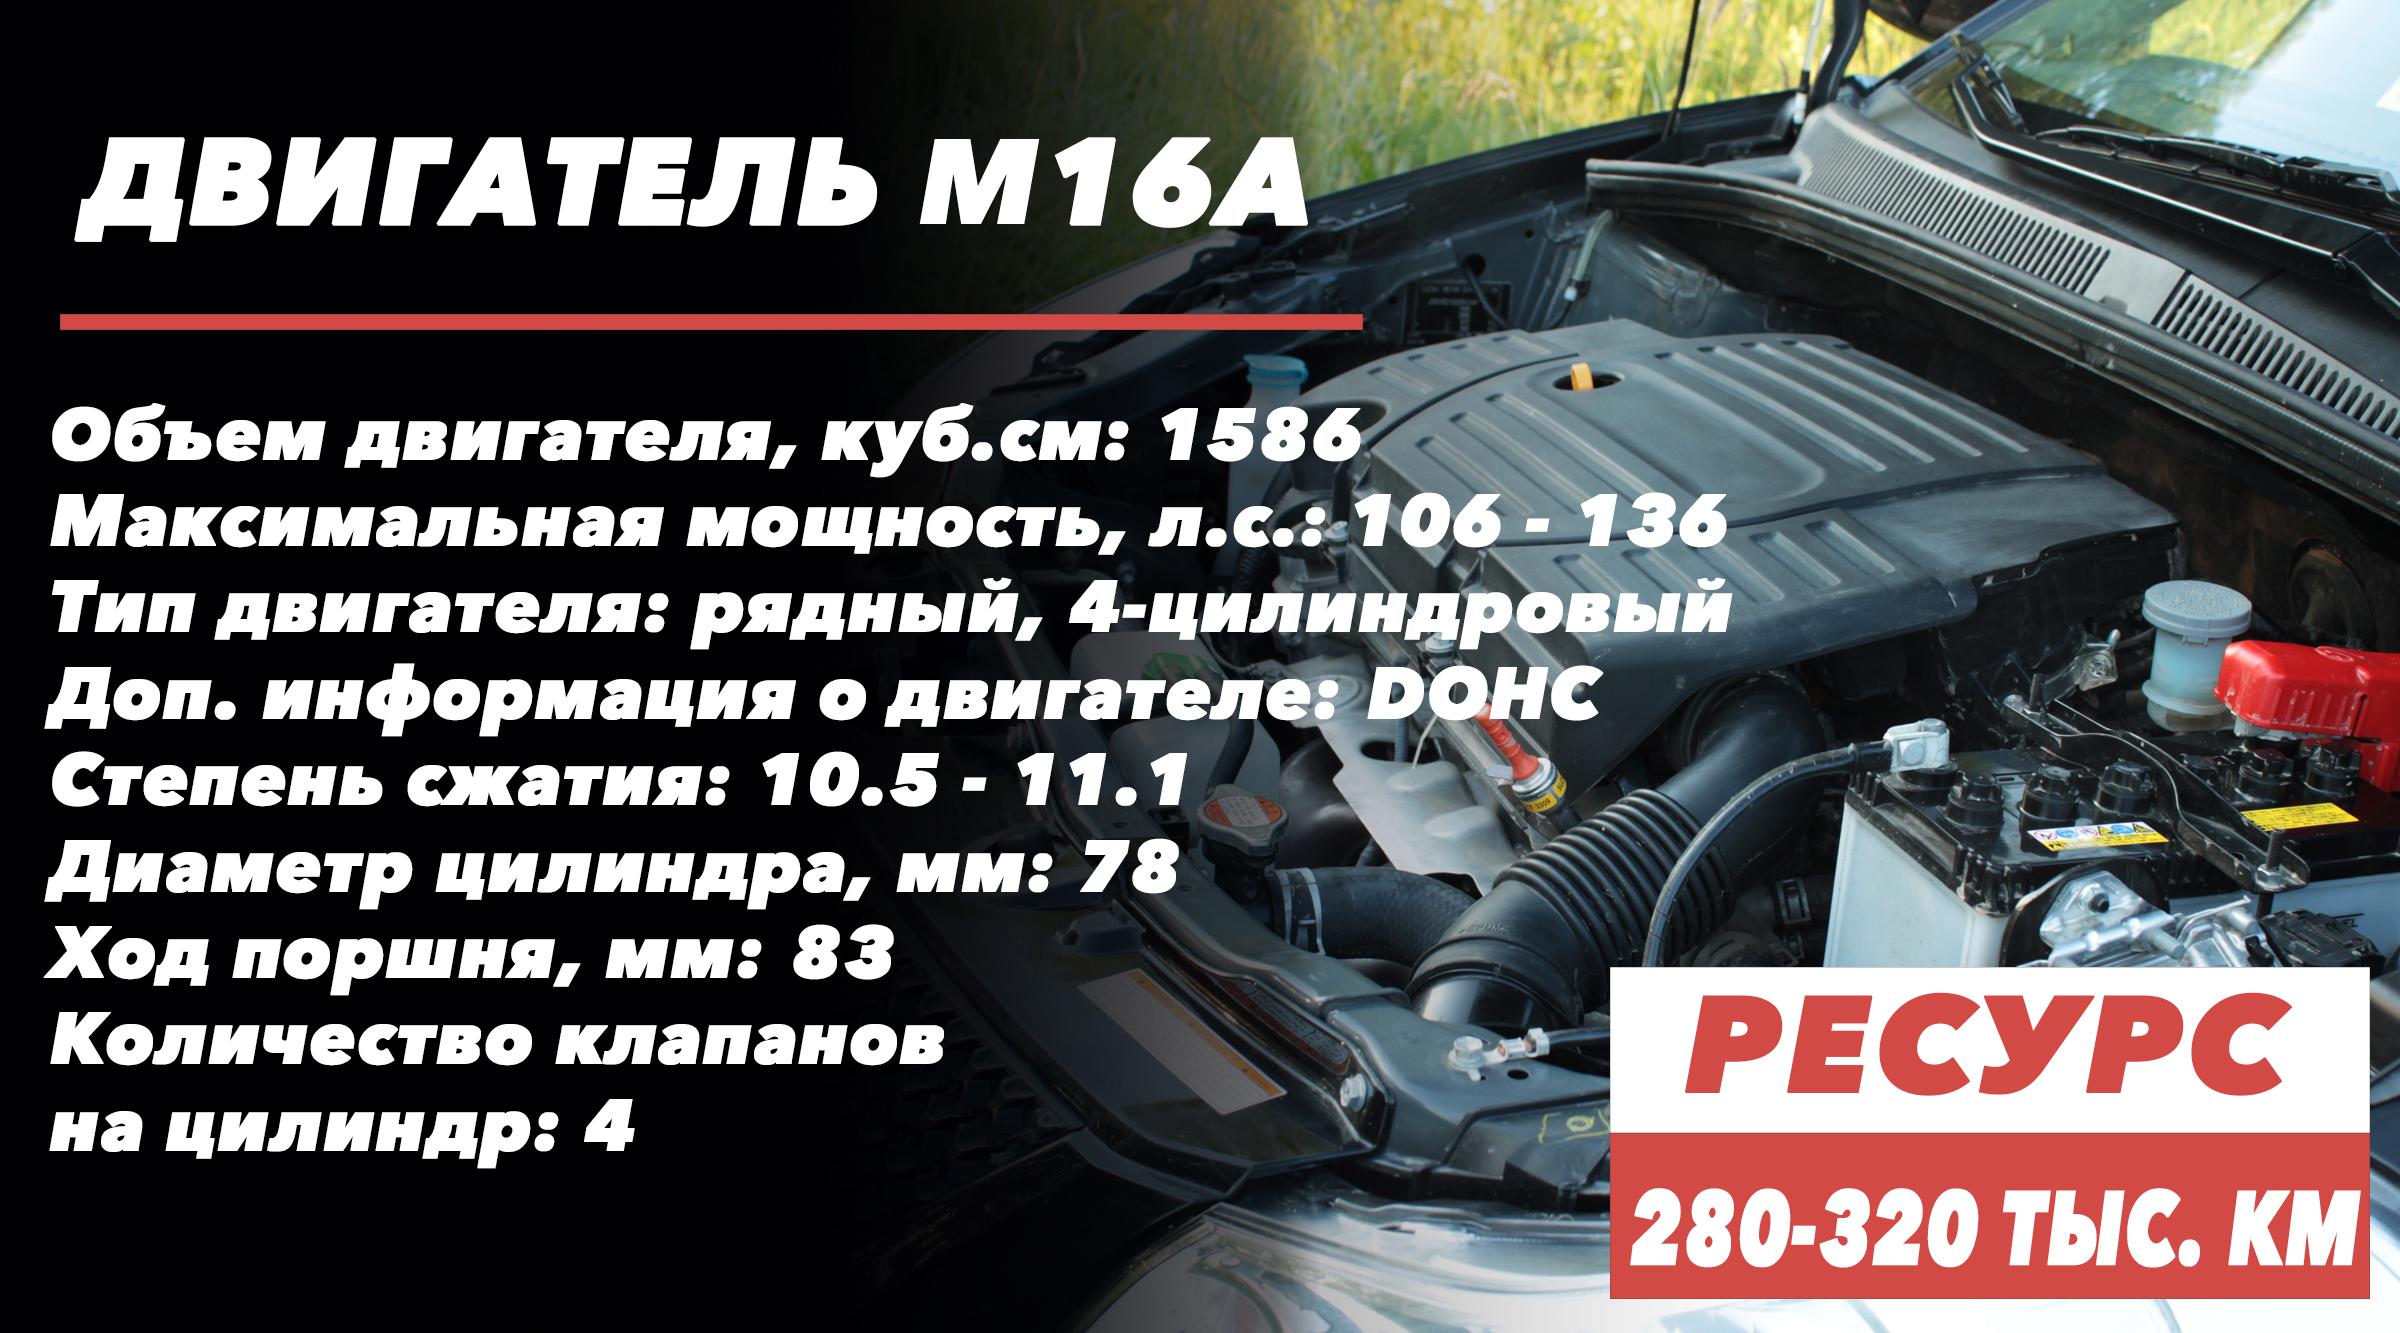 Потенциальный ресурс двигателя M16A